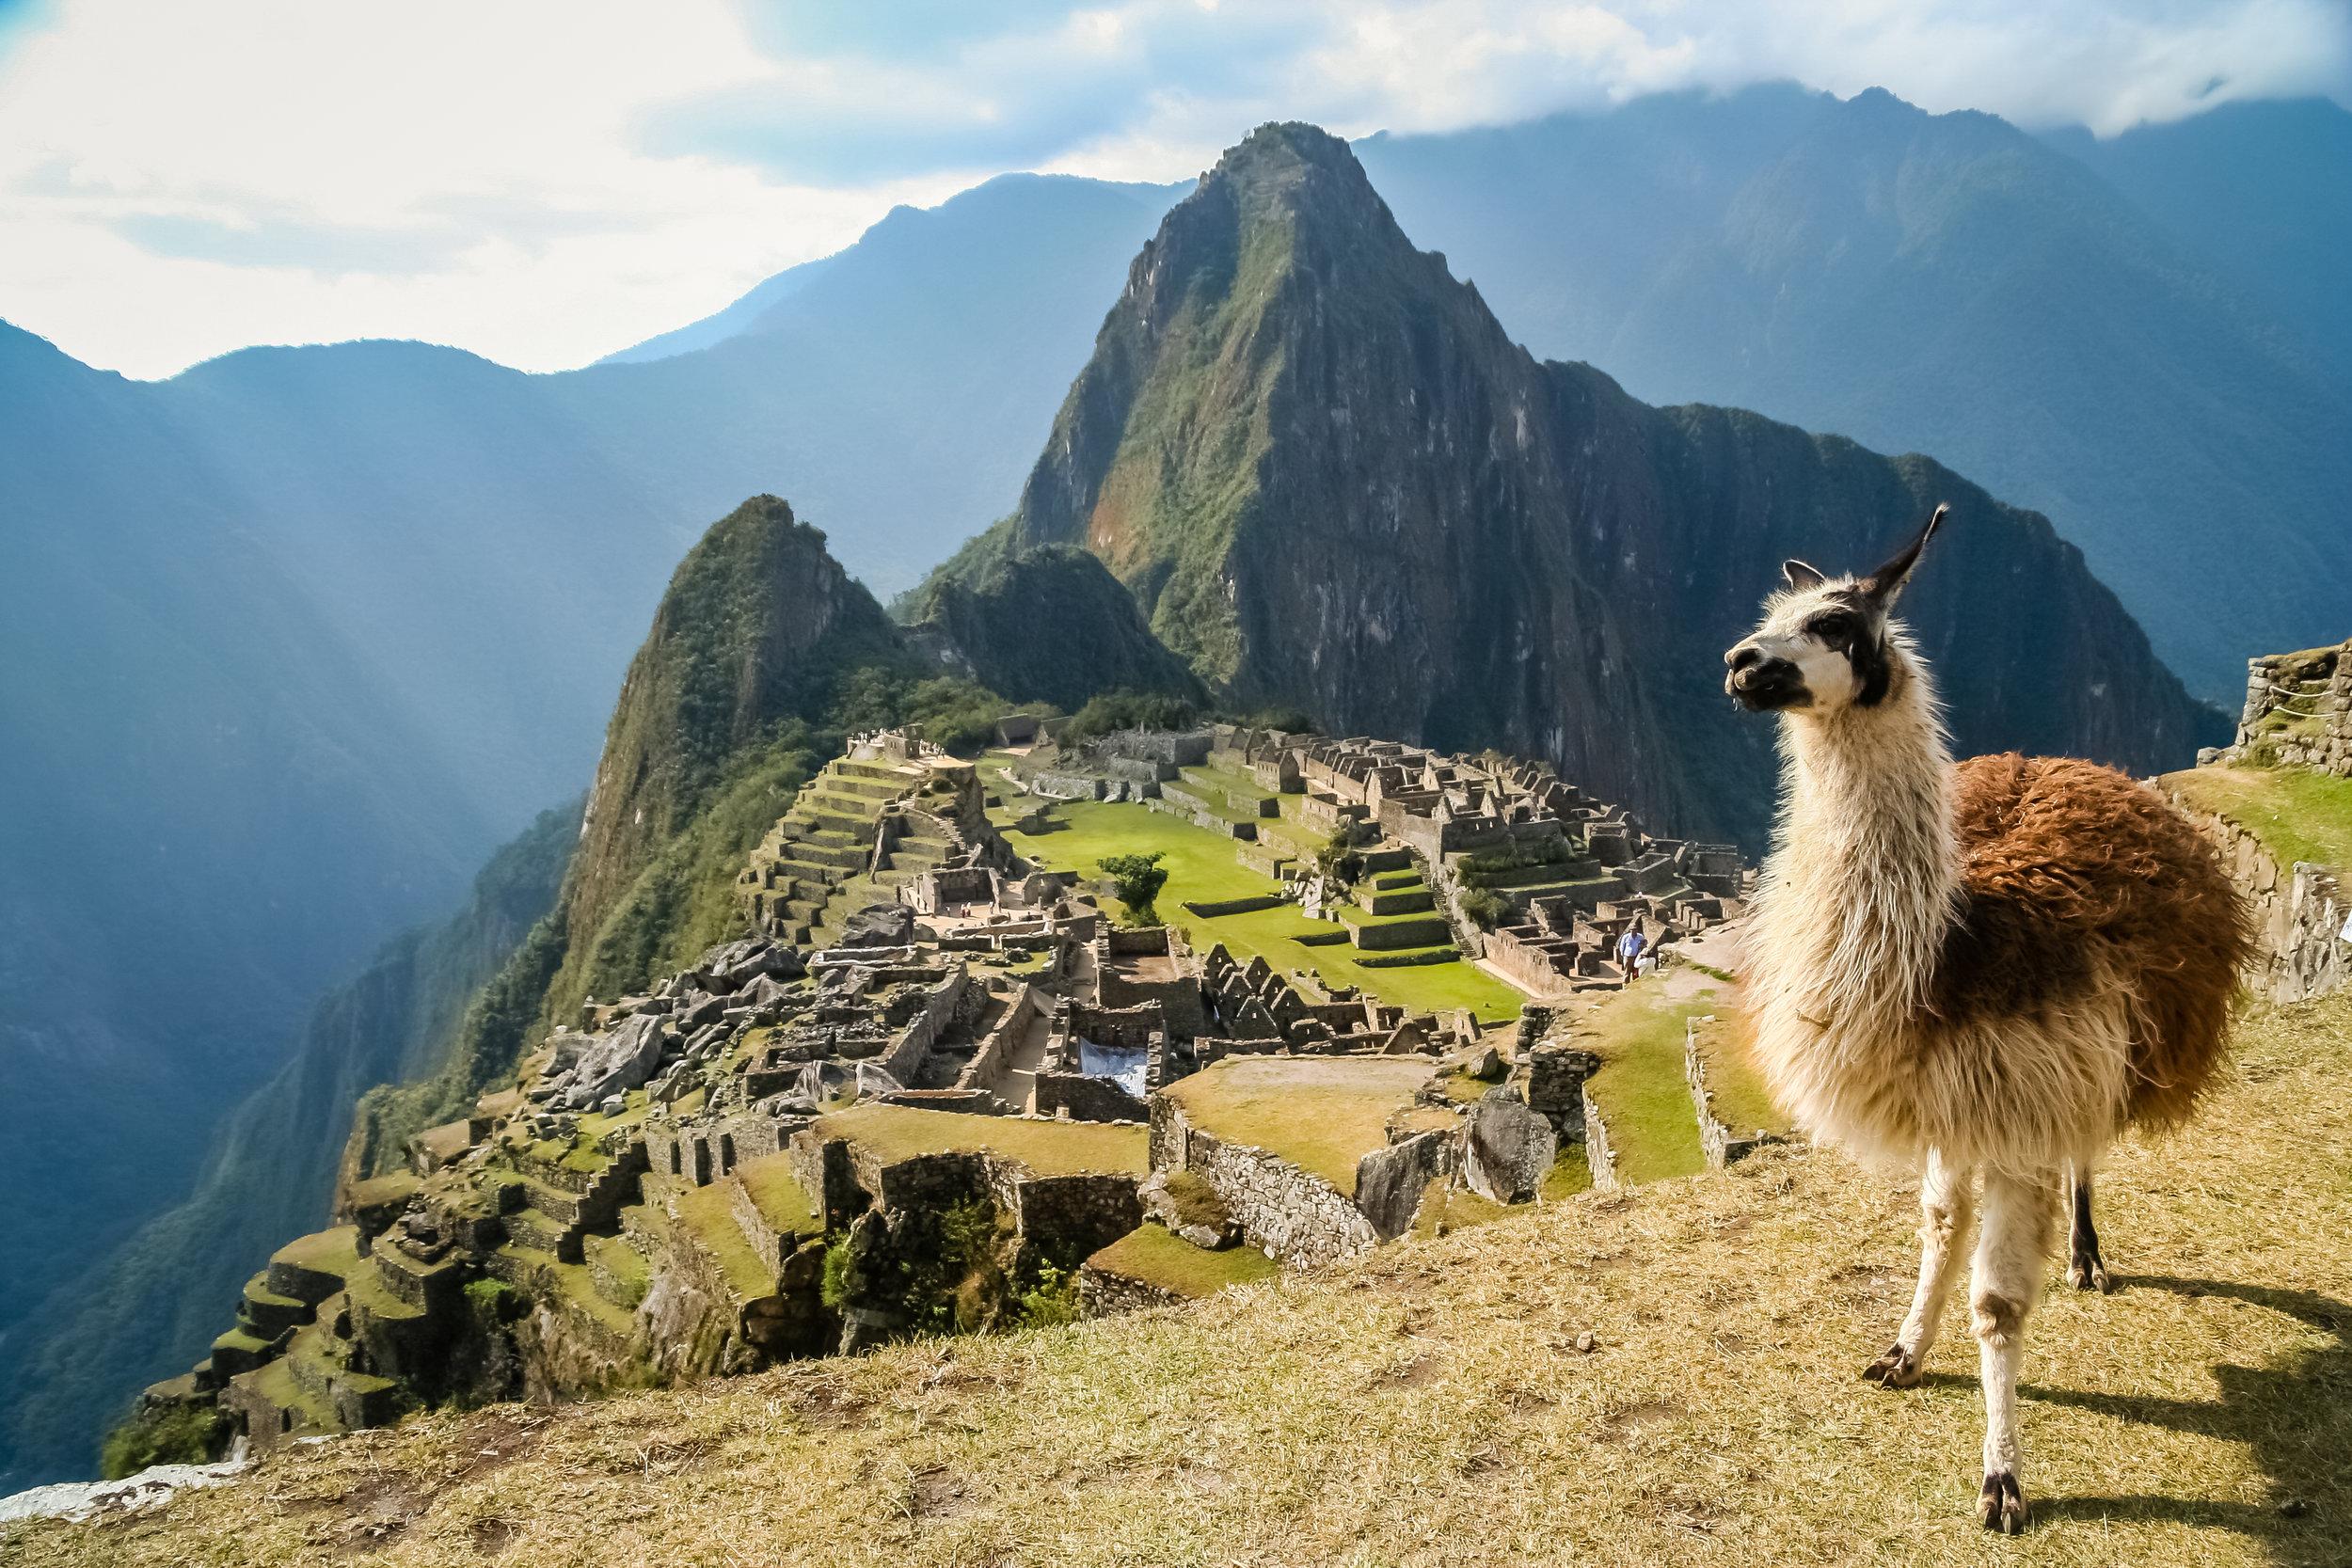 Lama-And-Machu-Picchu-588223086_3456x2304.jpeg